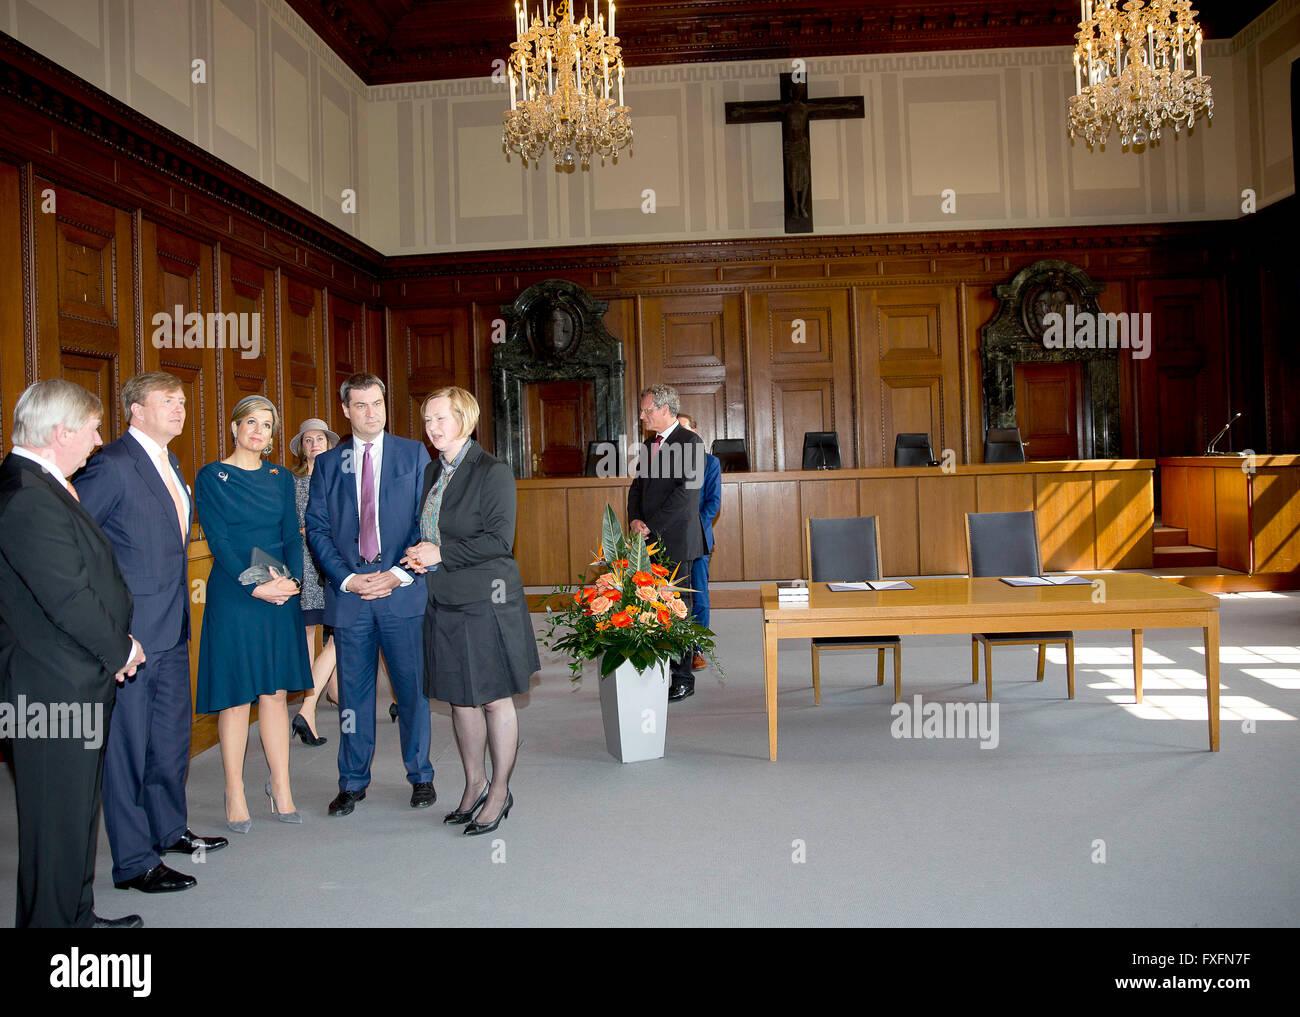 Nürnberg, 14.04.2016 HM König Willem-Alexander und HM Königin Máxima ...